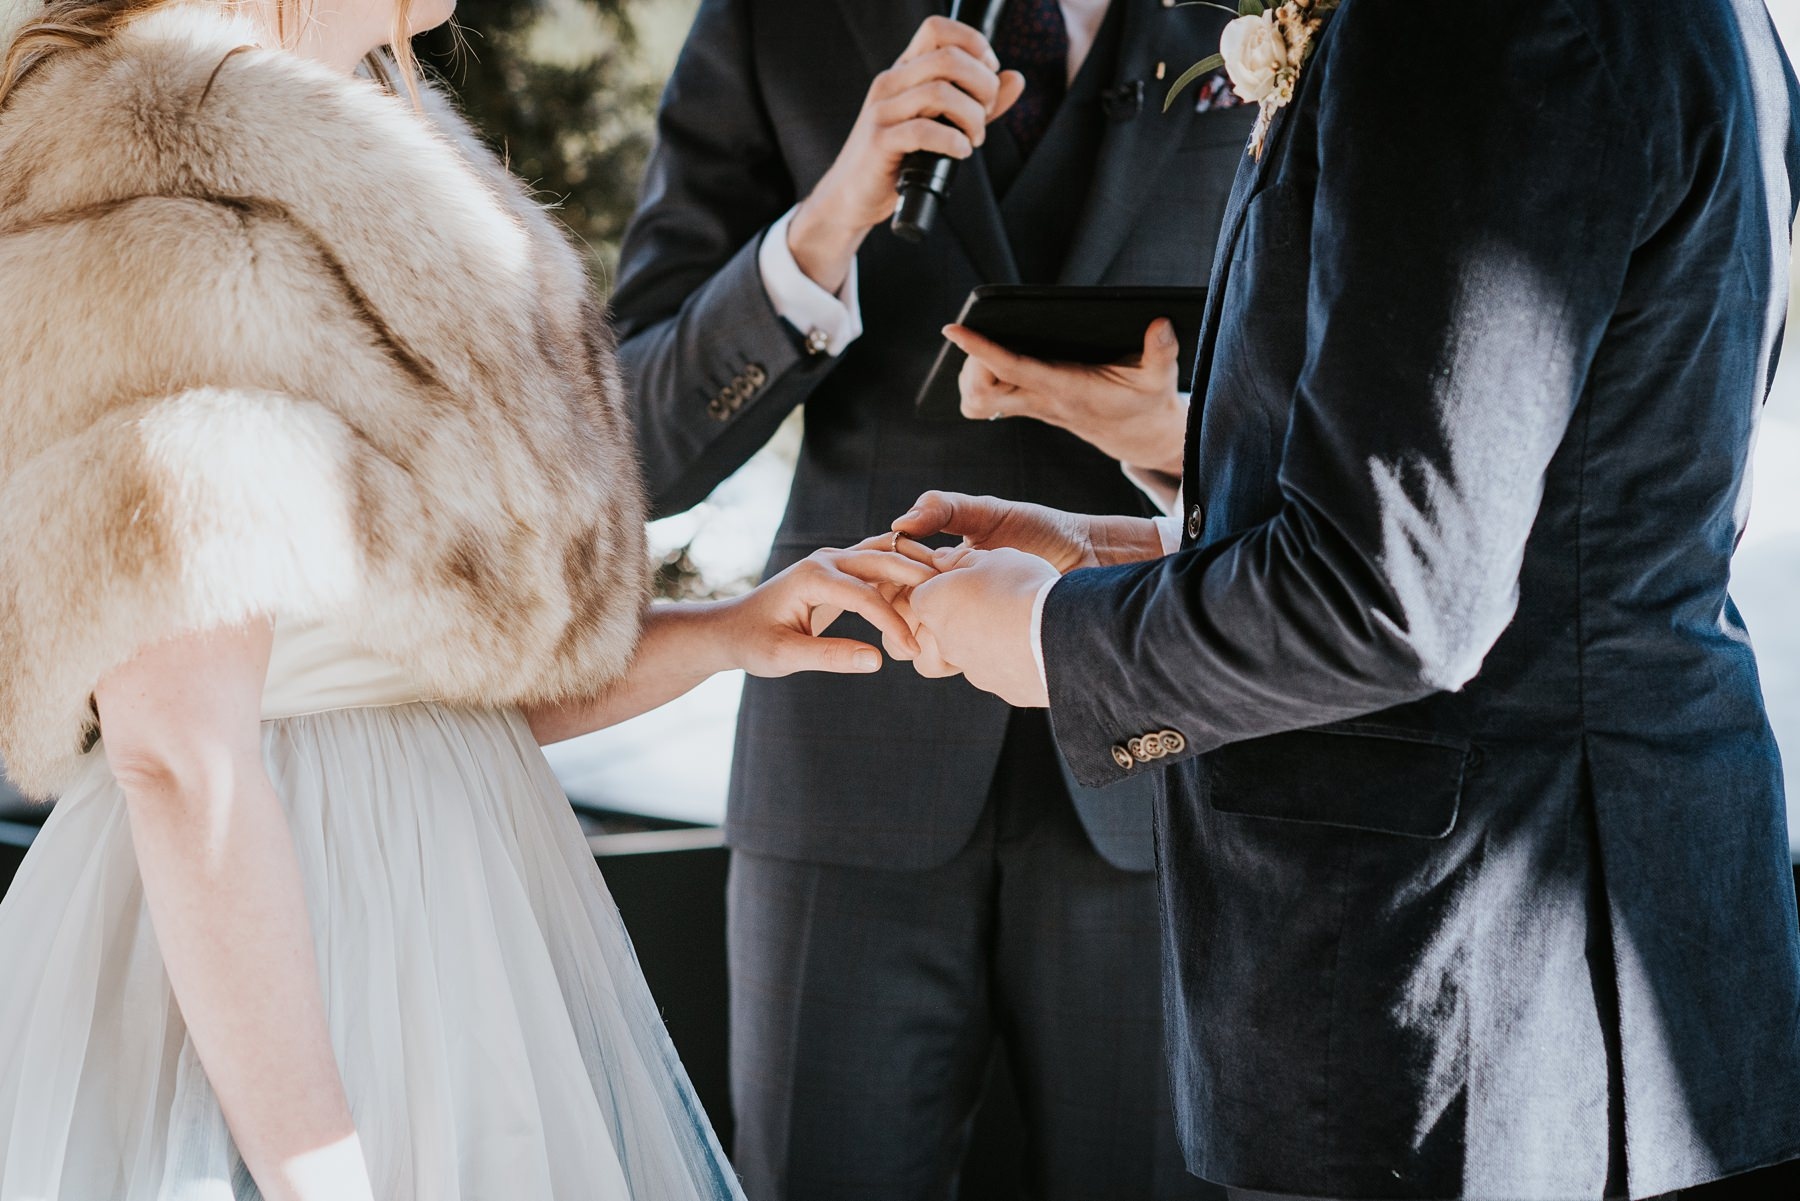 ring exchange during wedding ceremony at Nita lake lodge